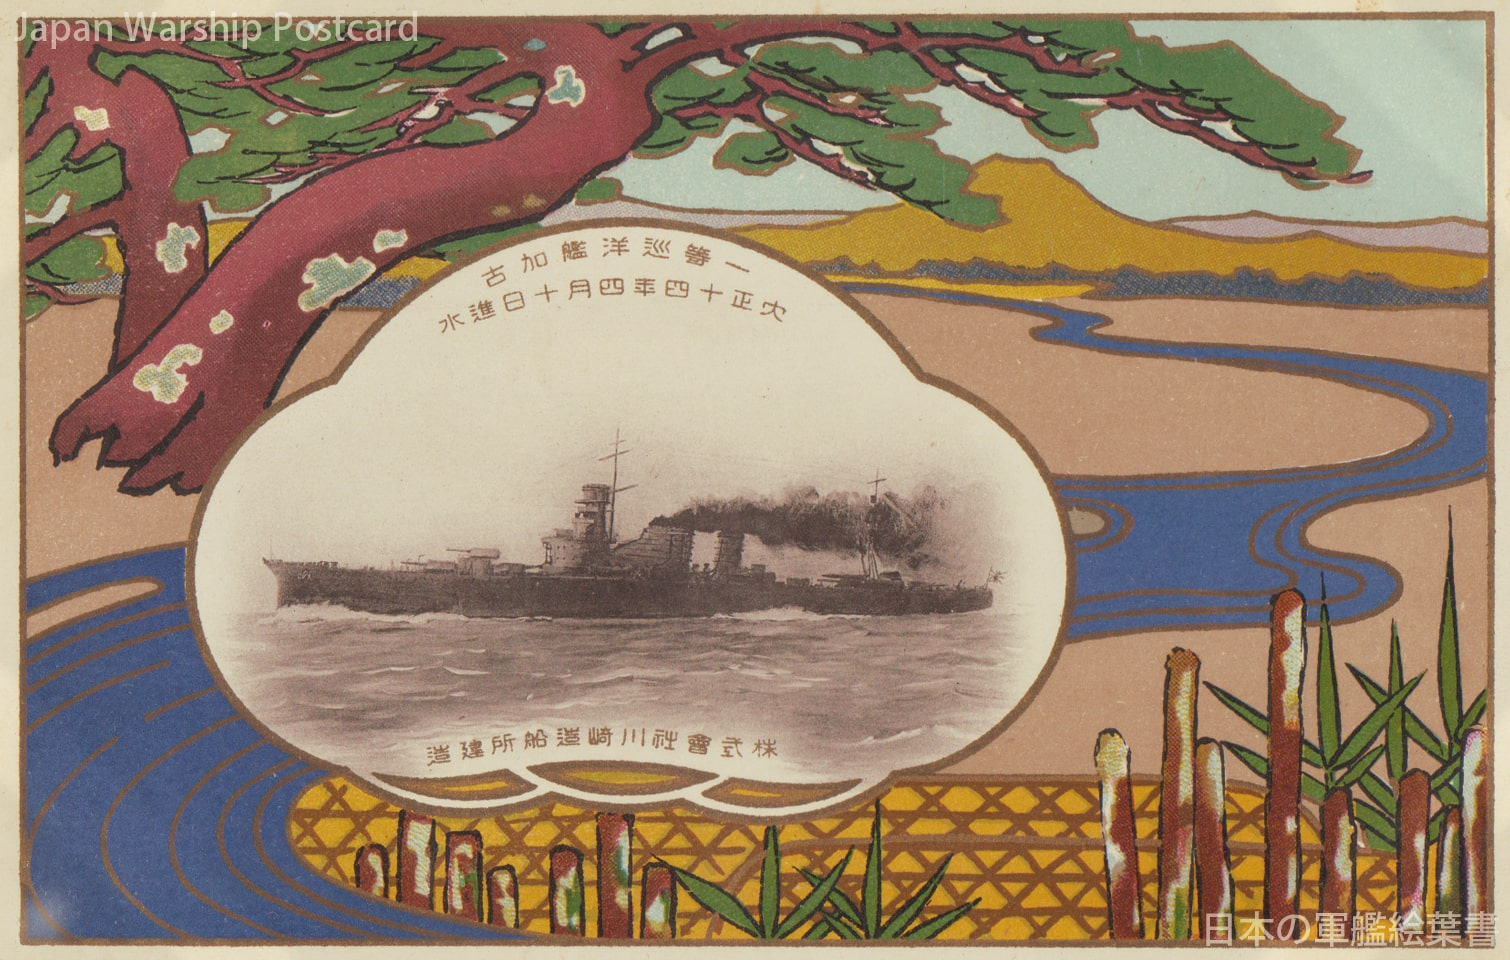 古鷹型重巡洋艦「加古」